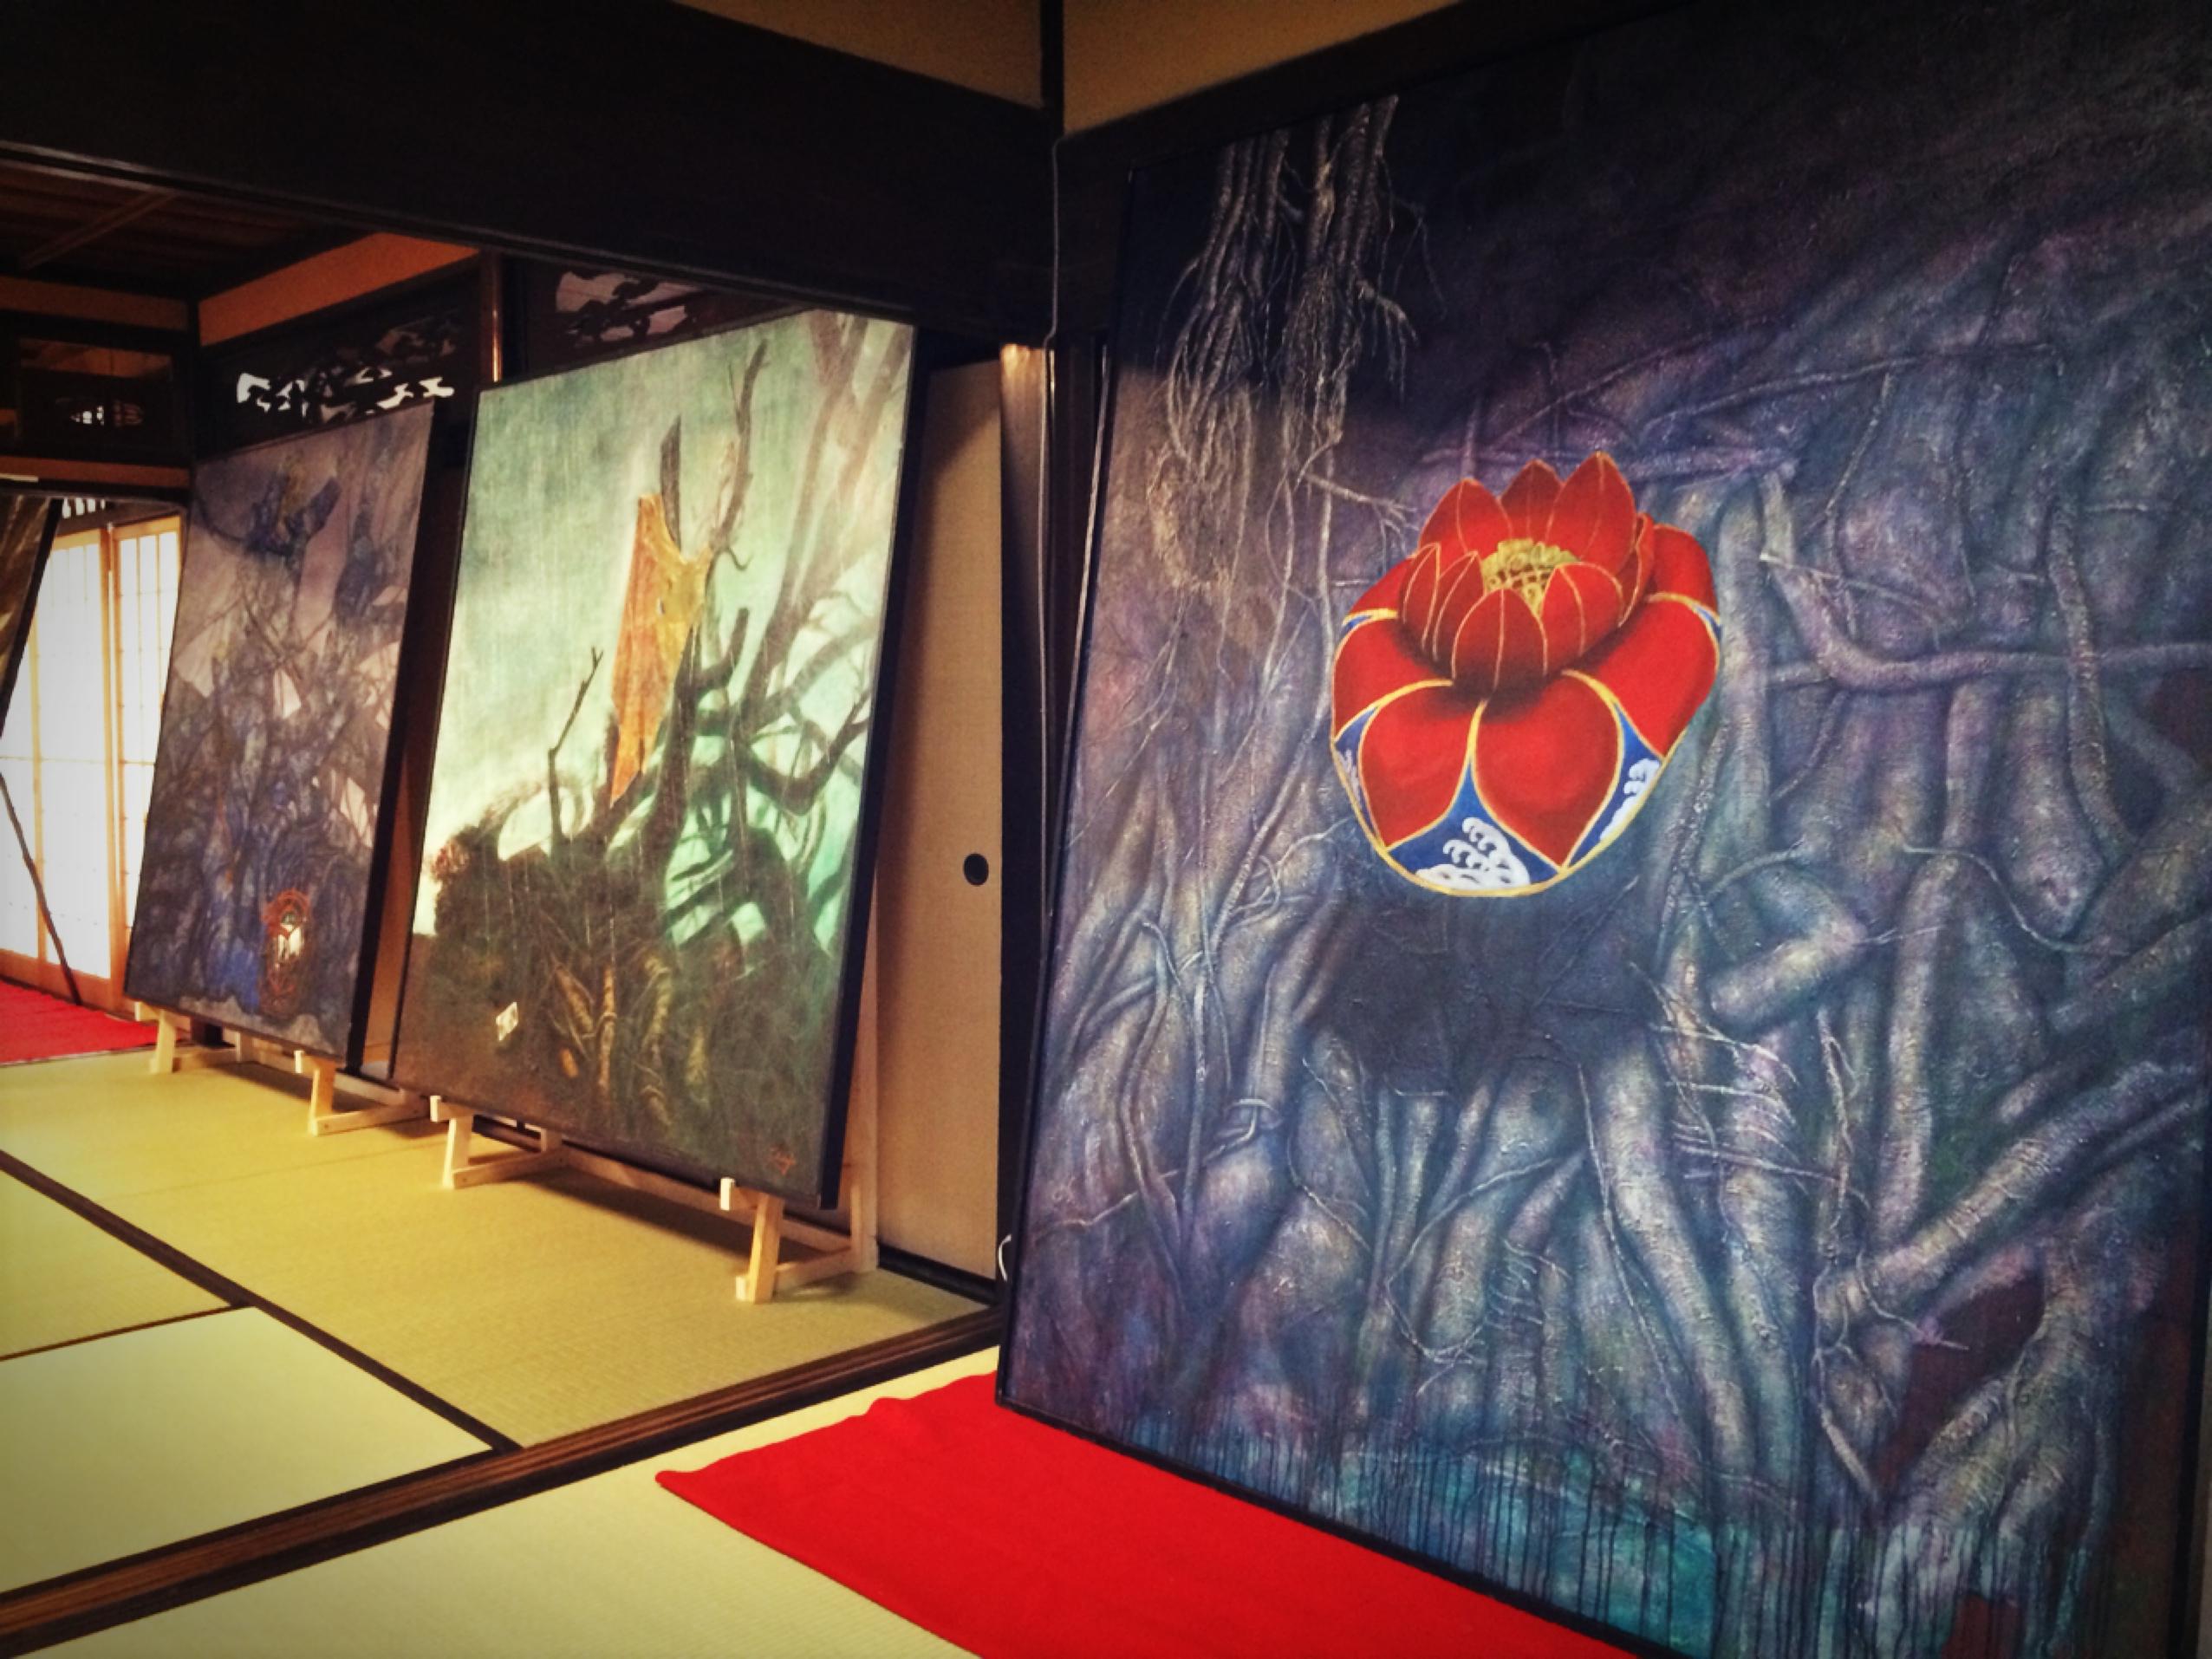 開幕のテンペスト!作城妙子個展『神々の宴』